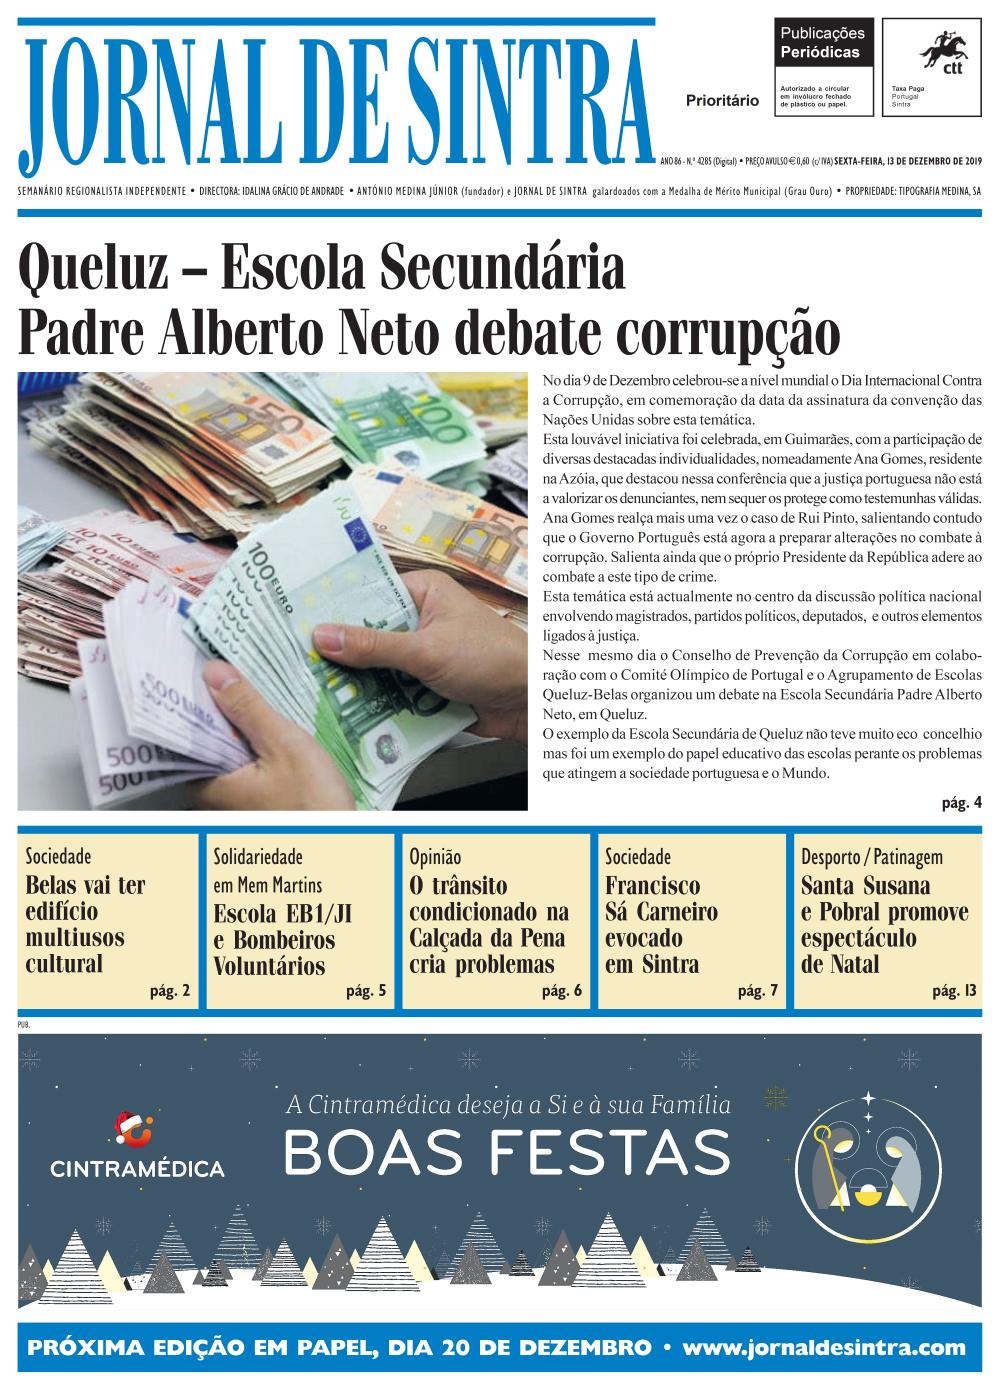 Capa da edição de 13/12/2019